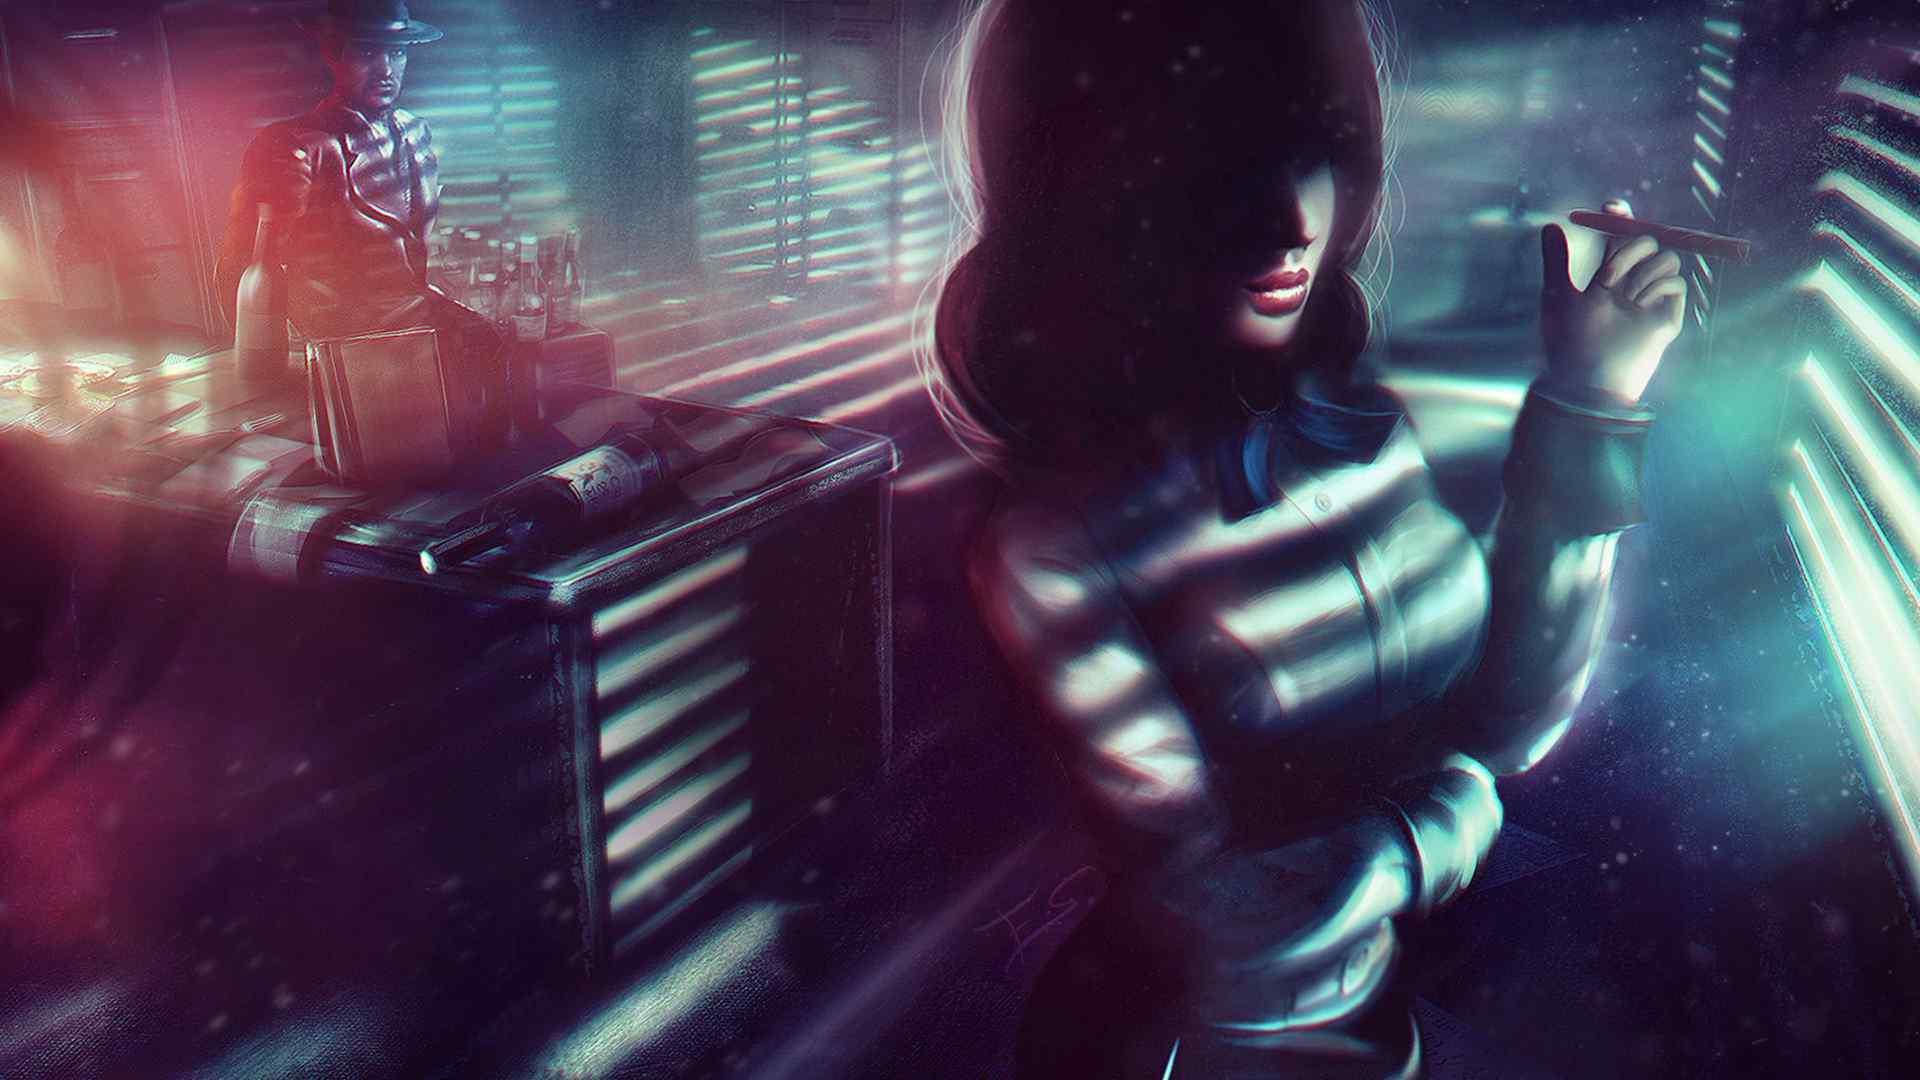 游戏人物精美cg图片高清桌面壁纸